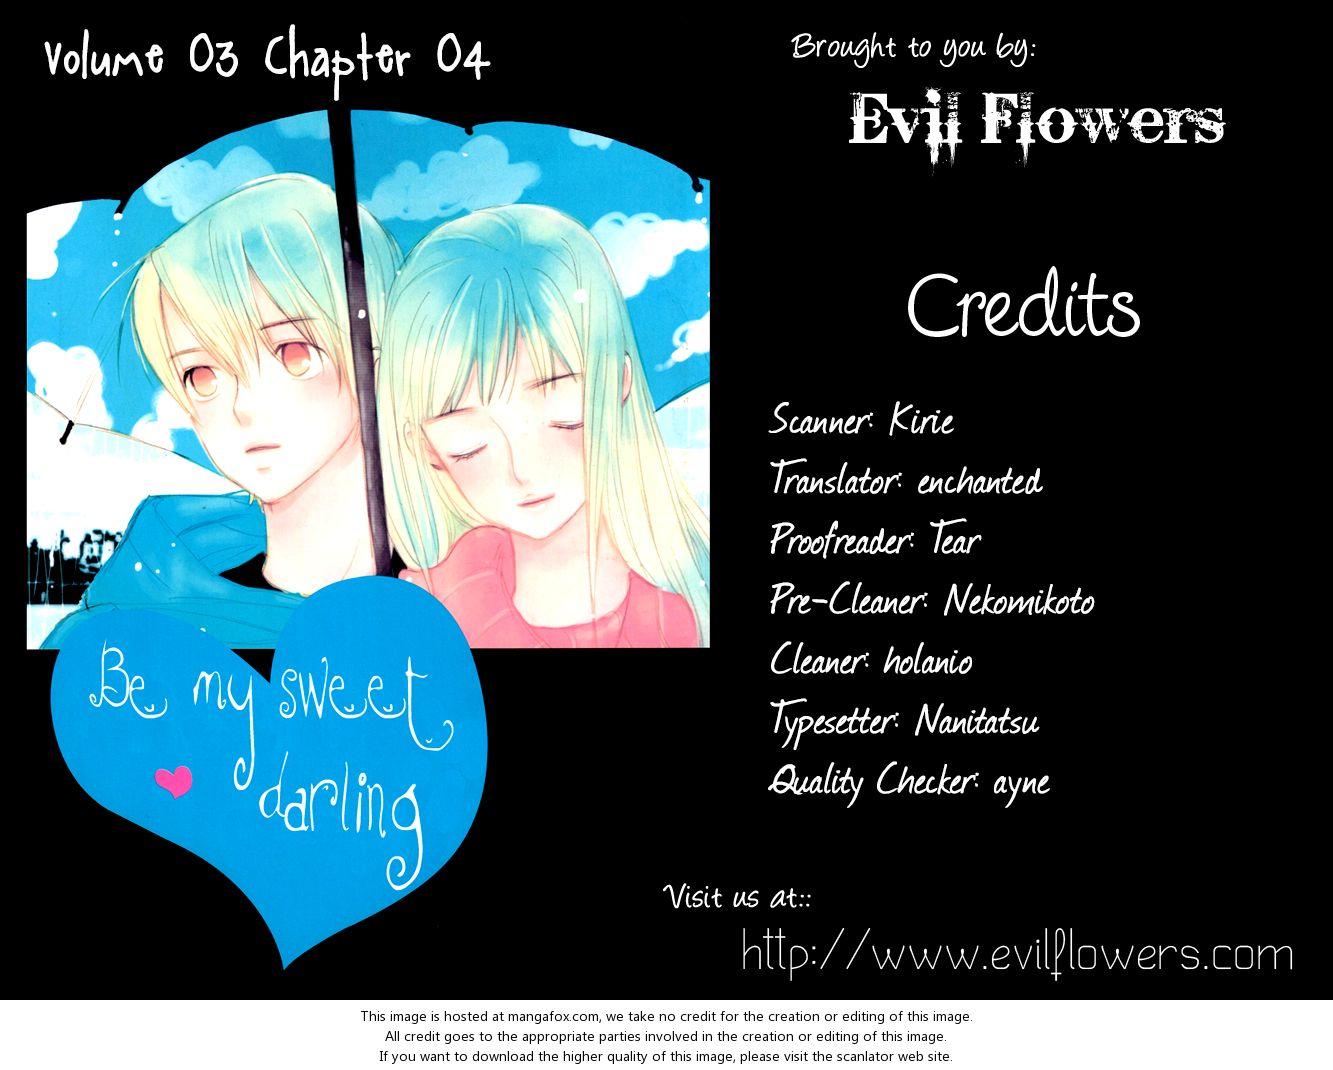 Be My Sweet Darling 17 at MangaFox.la